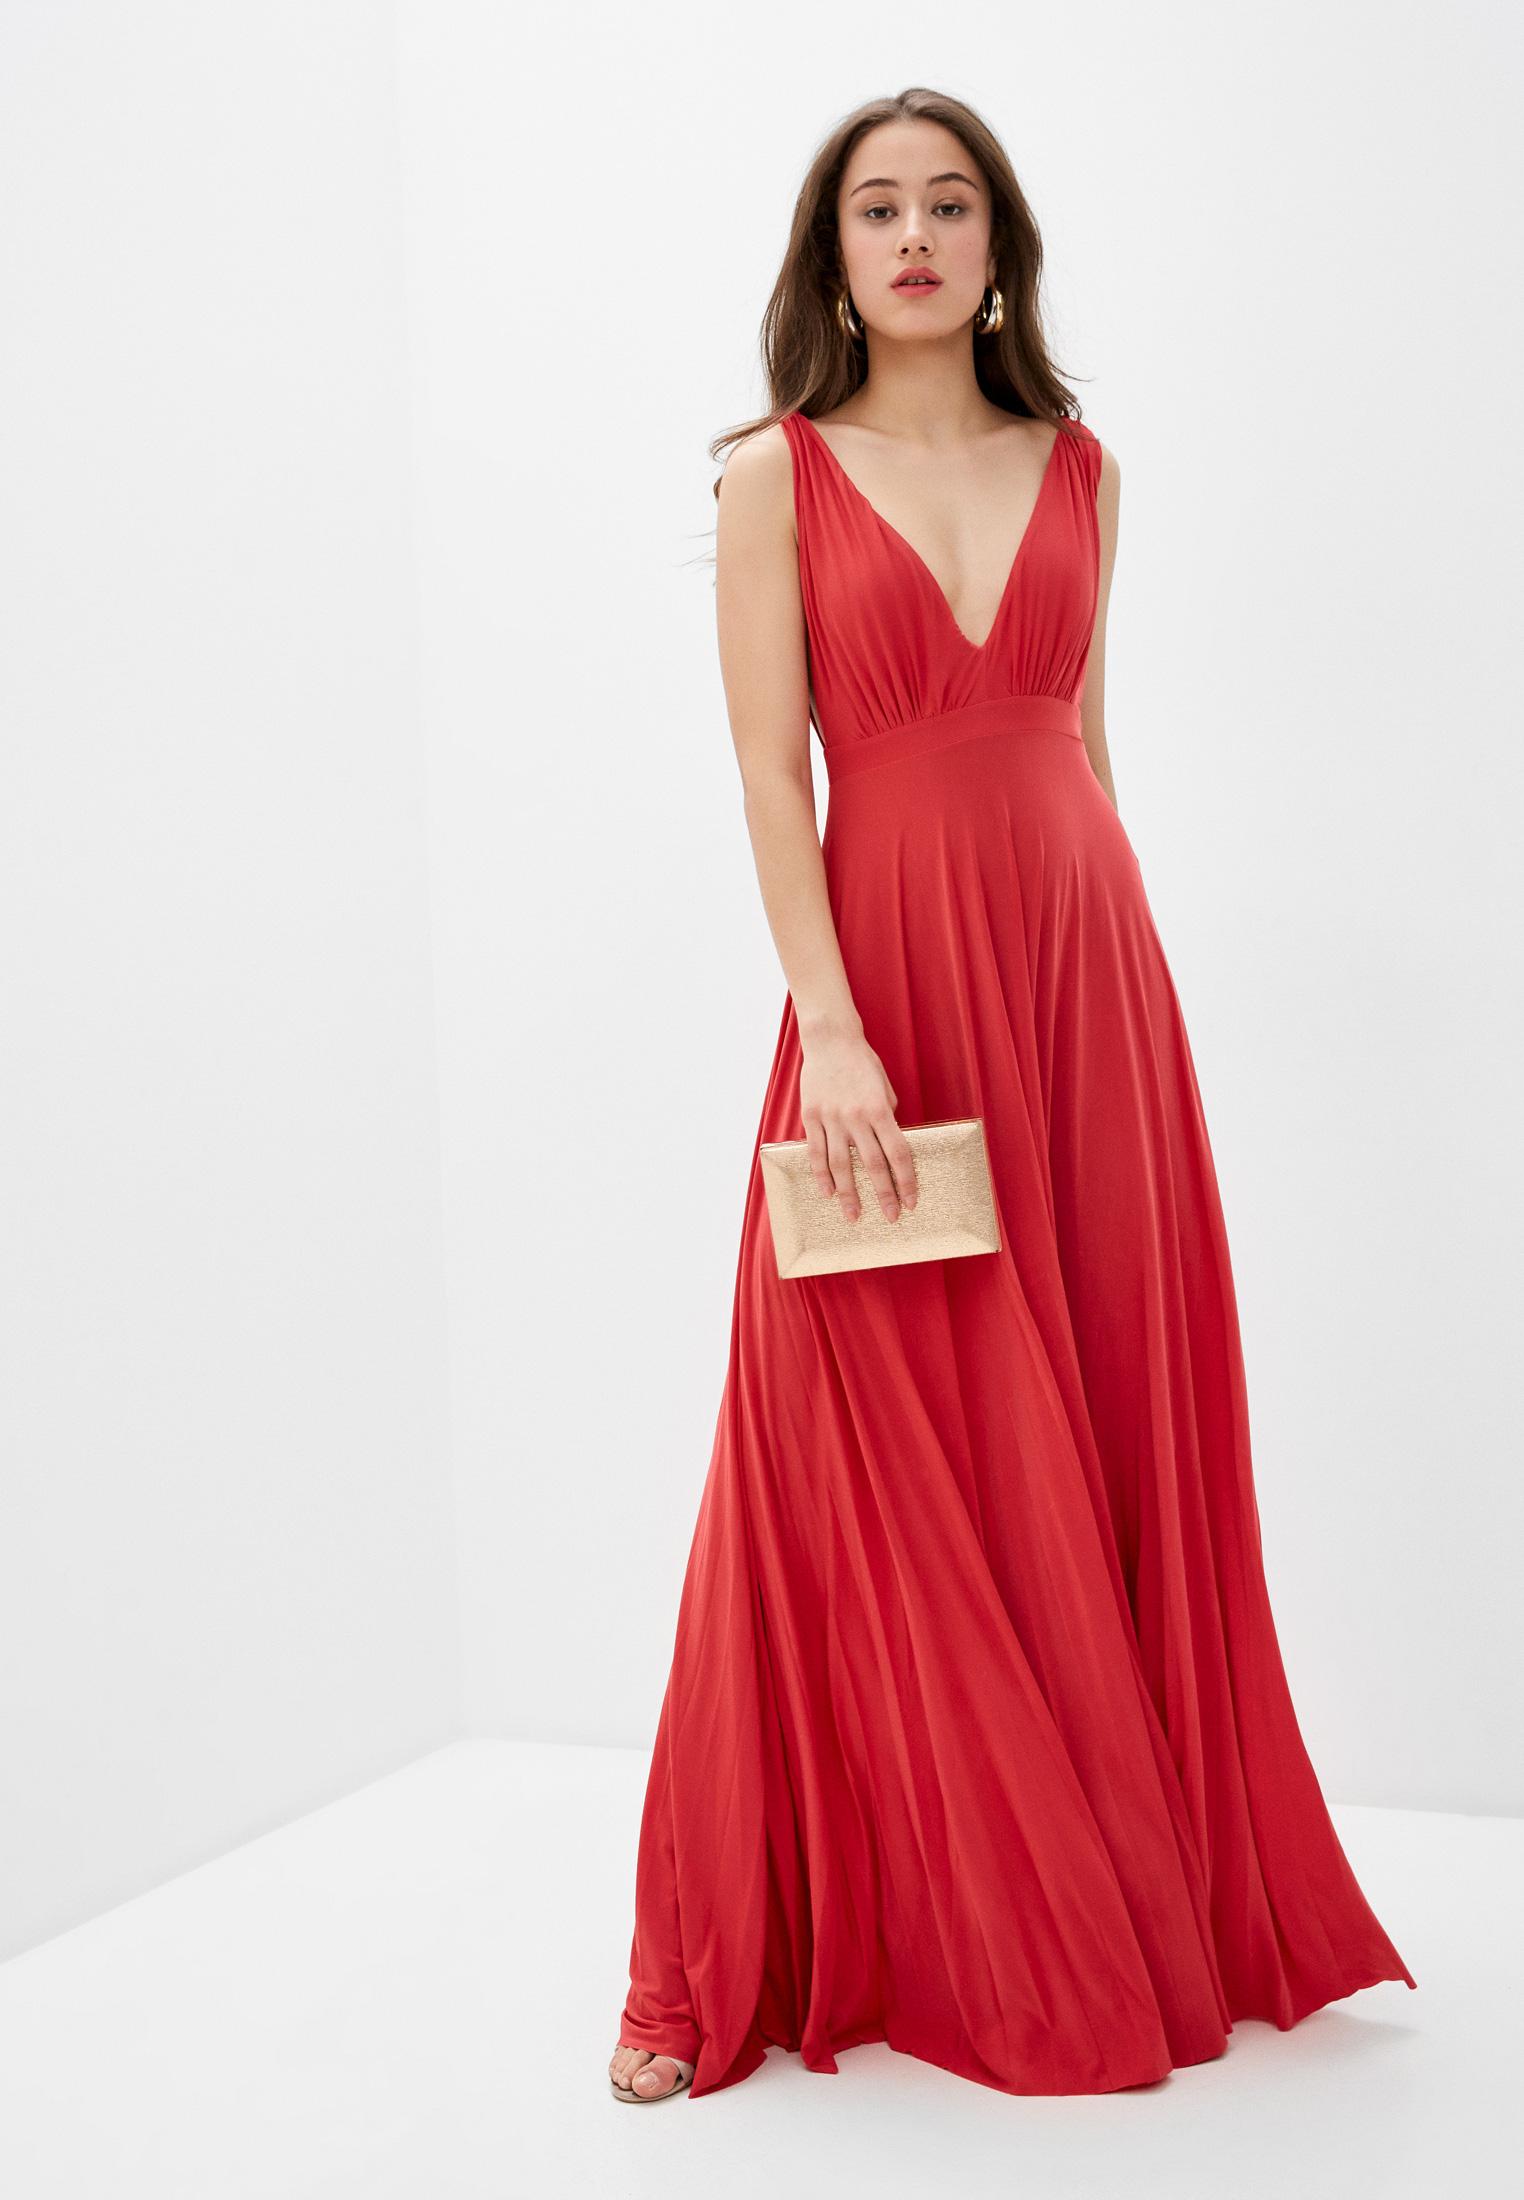 Платье Goddiva  купить за 3 642 ₽ в интернет-магазине Lamoda.ru